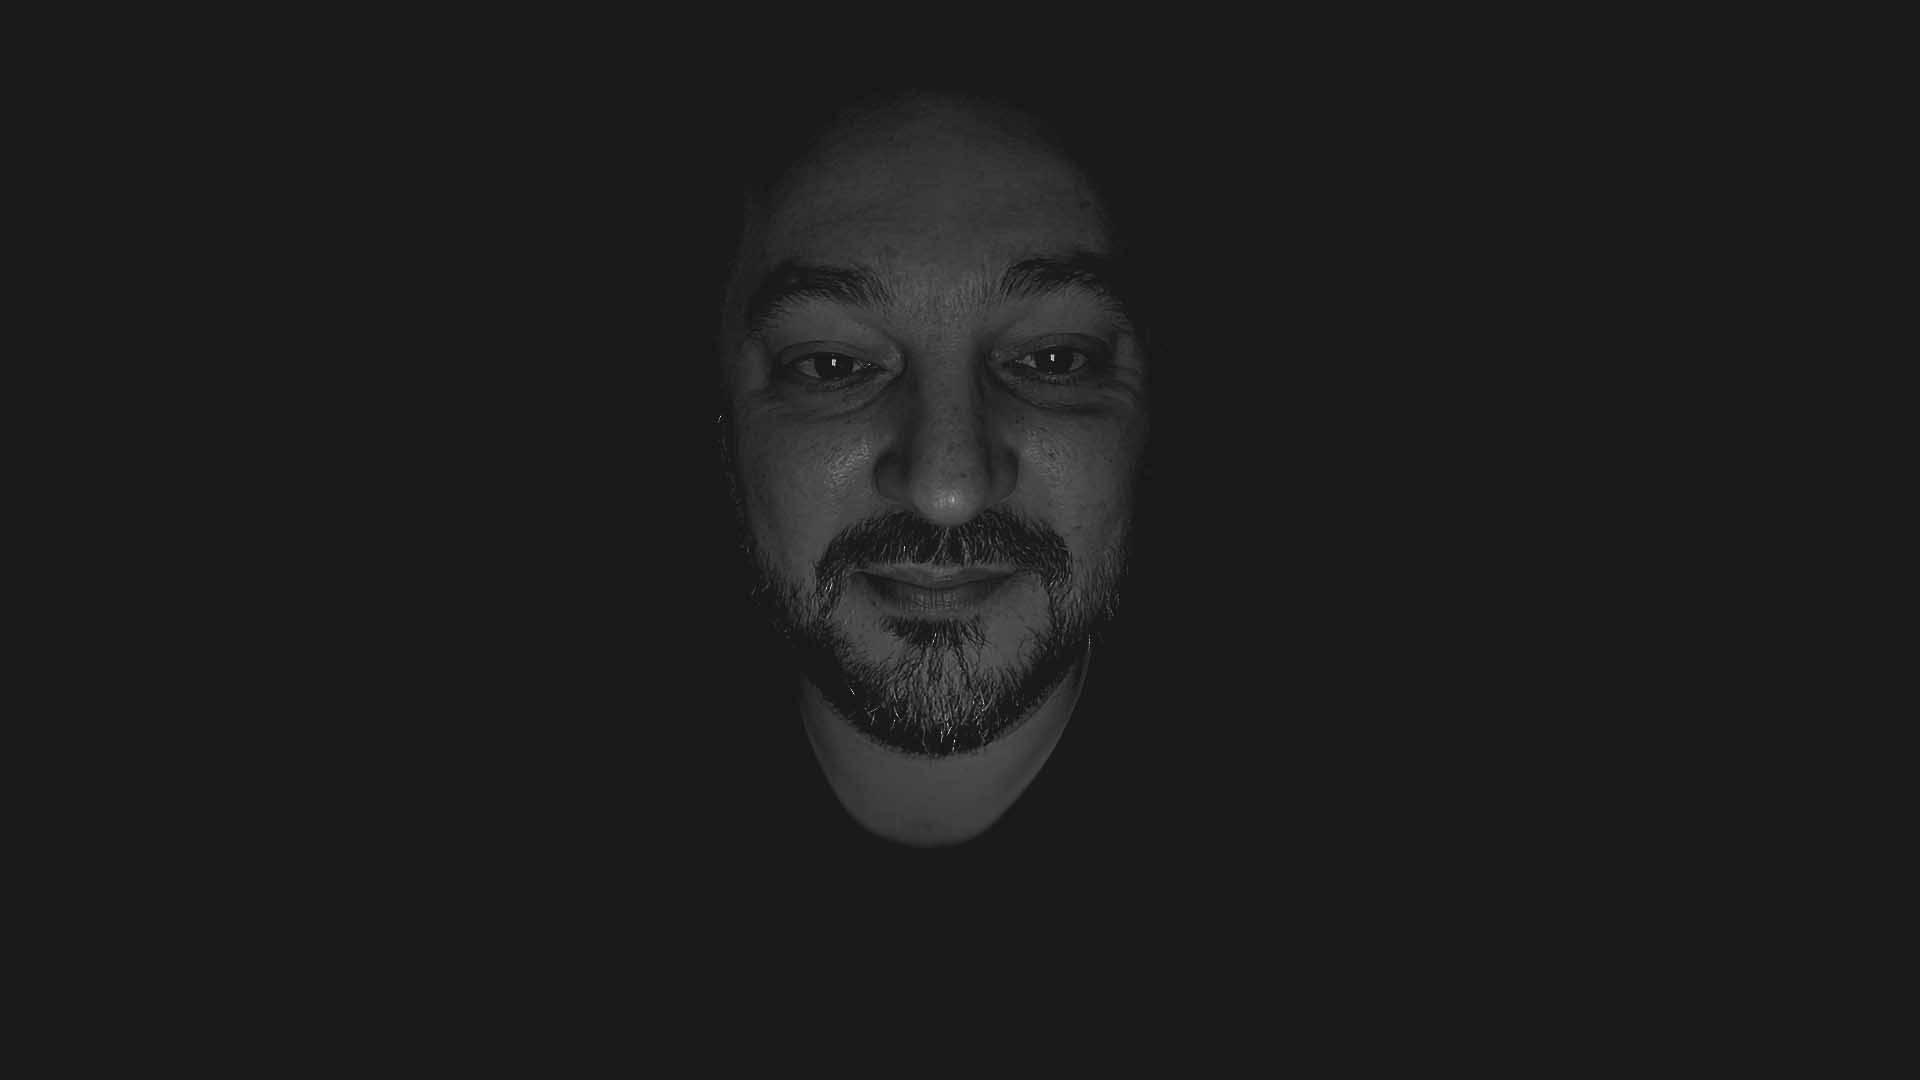 Helló, én <strong>Kovács István</strong> vagyok, senior fejlesztő. Bízom benne, hogy tudok segíteni Neked. Hétköznapokon <strong>9-16 óra</strong> között vagyok elérhető.